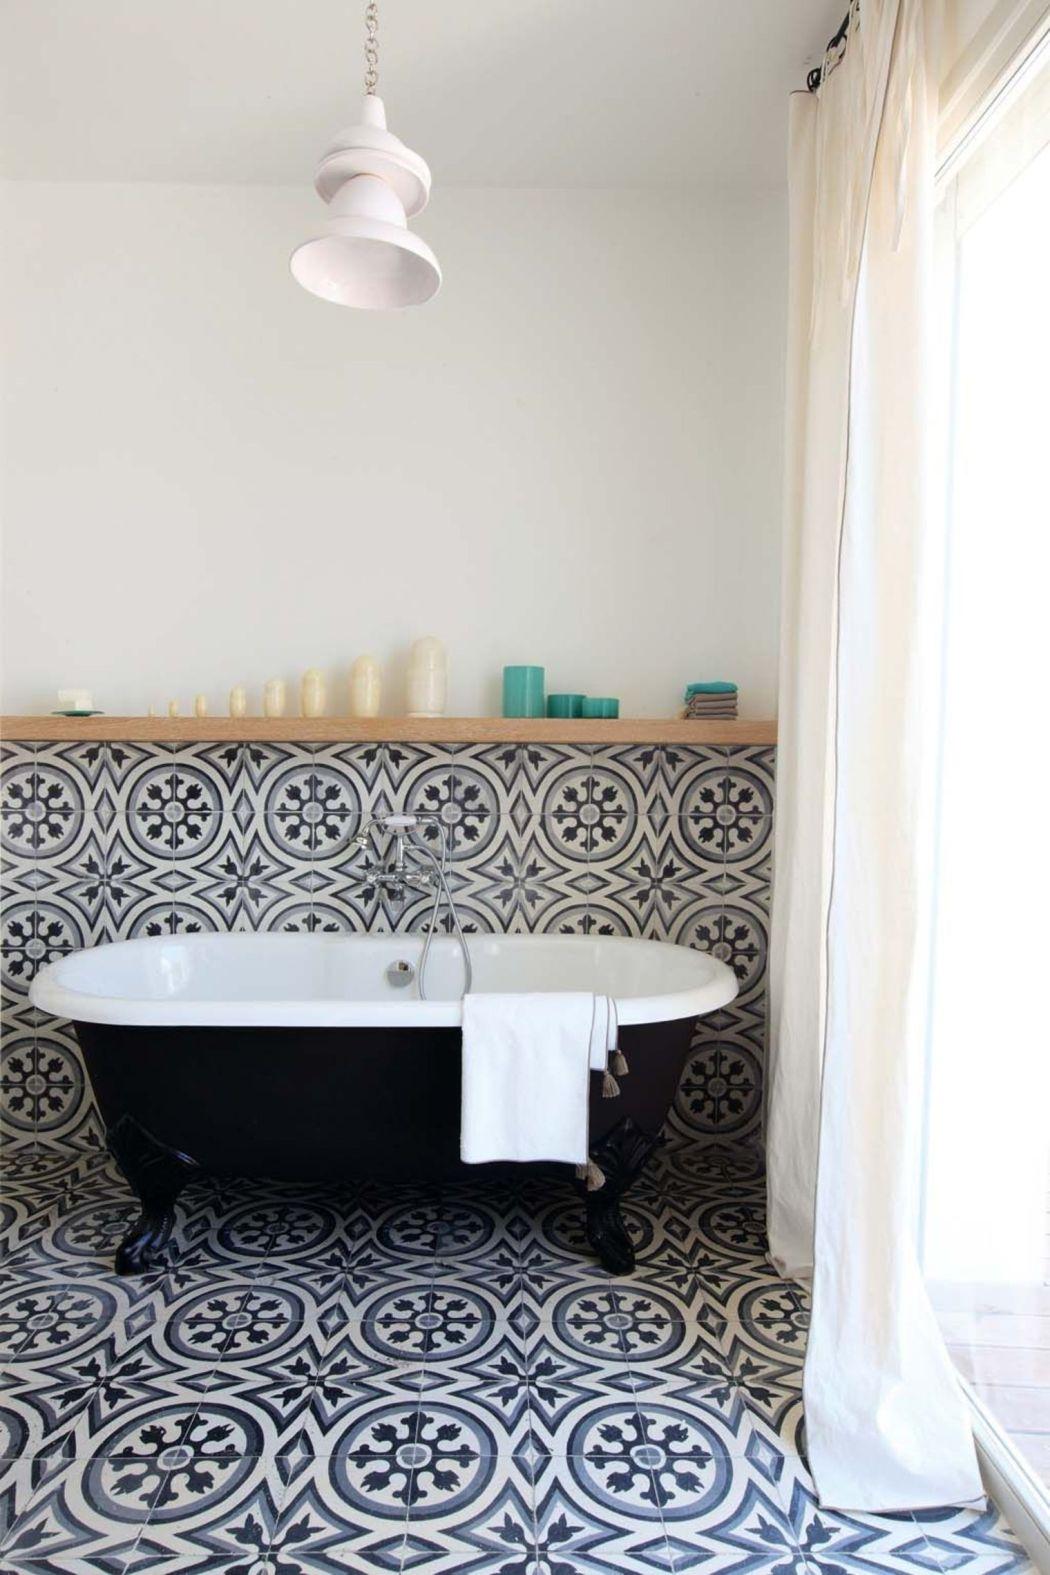 Visite déco | Rénovation : place aux carreaux de ciment dans la salle de bain | @decocrush - www.decocrush.fr